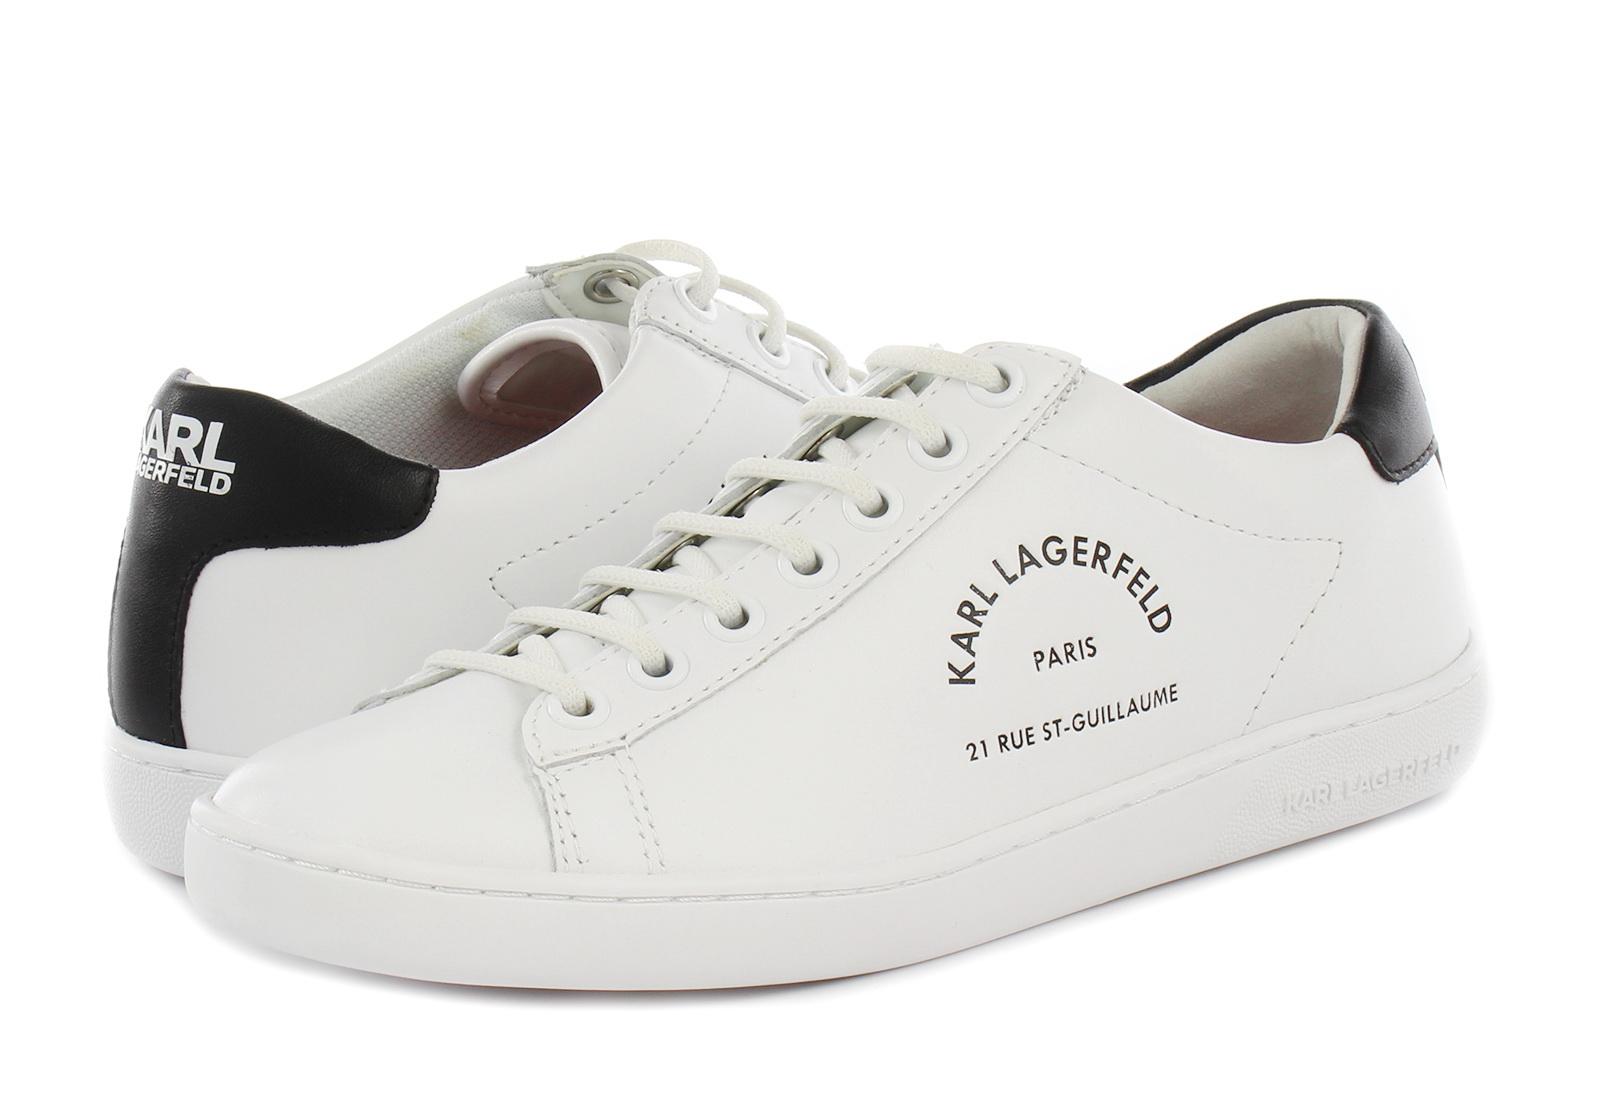 Karl Lagerfeld Pantofi Kupsole Ii Maison Karl Lace